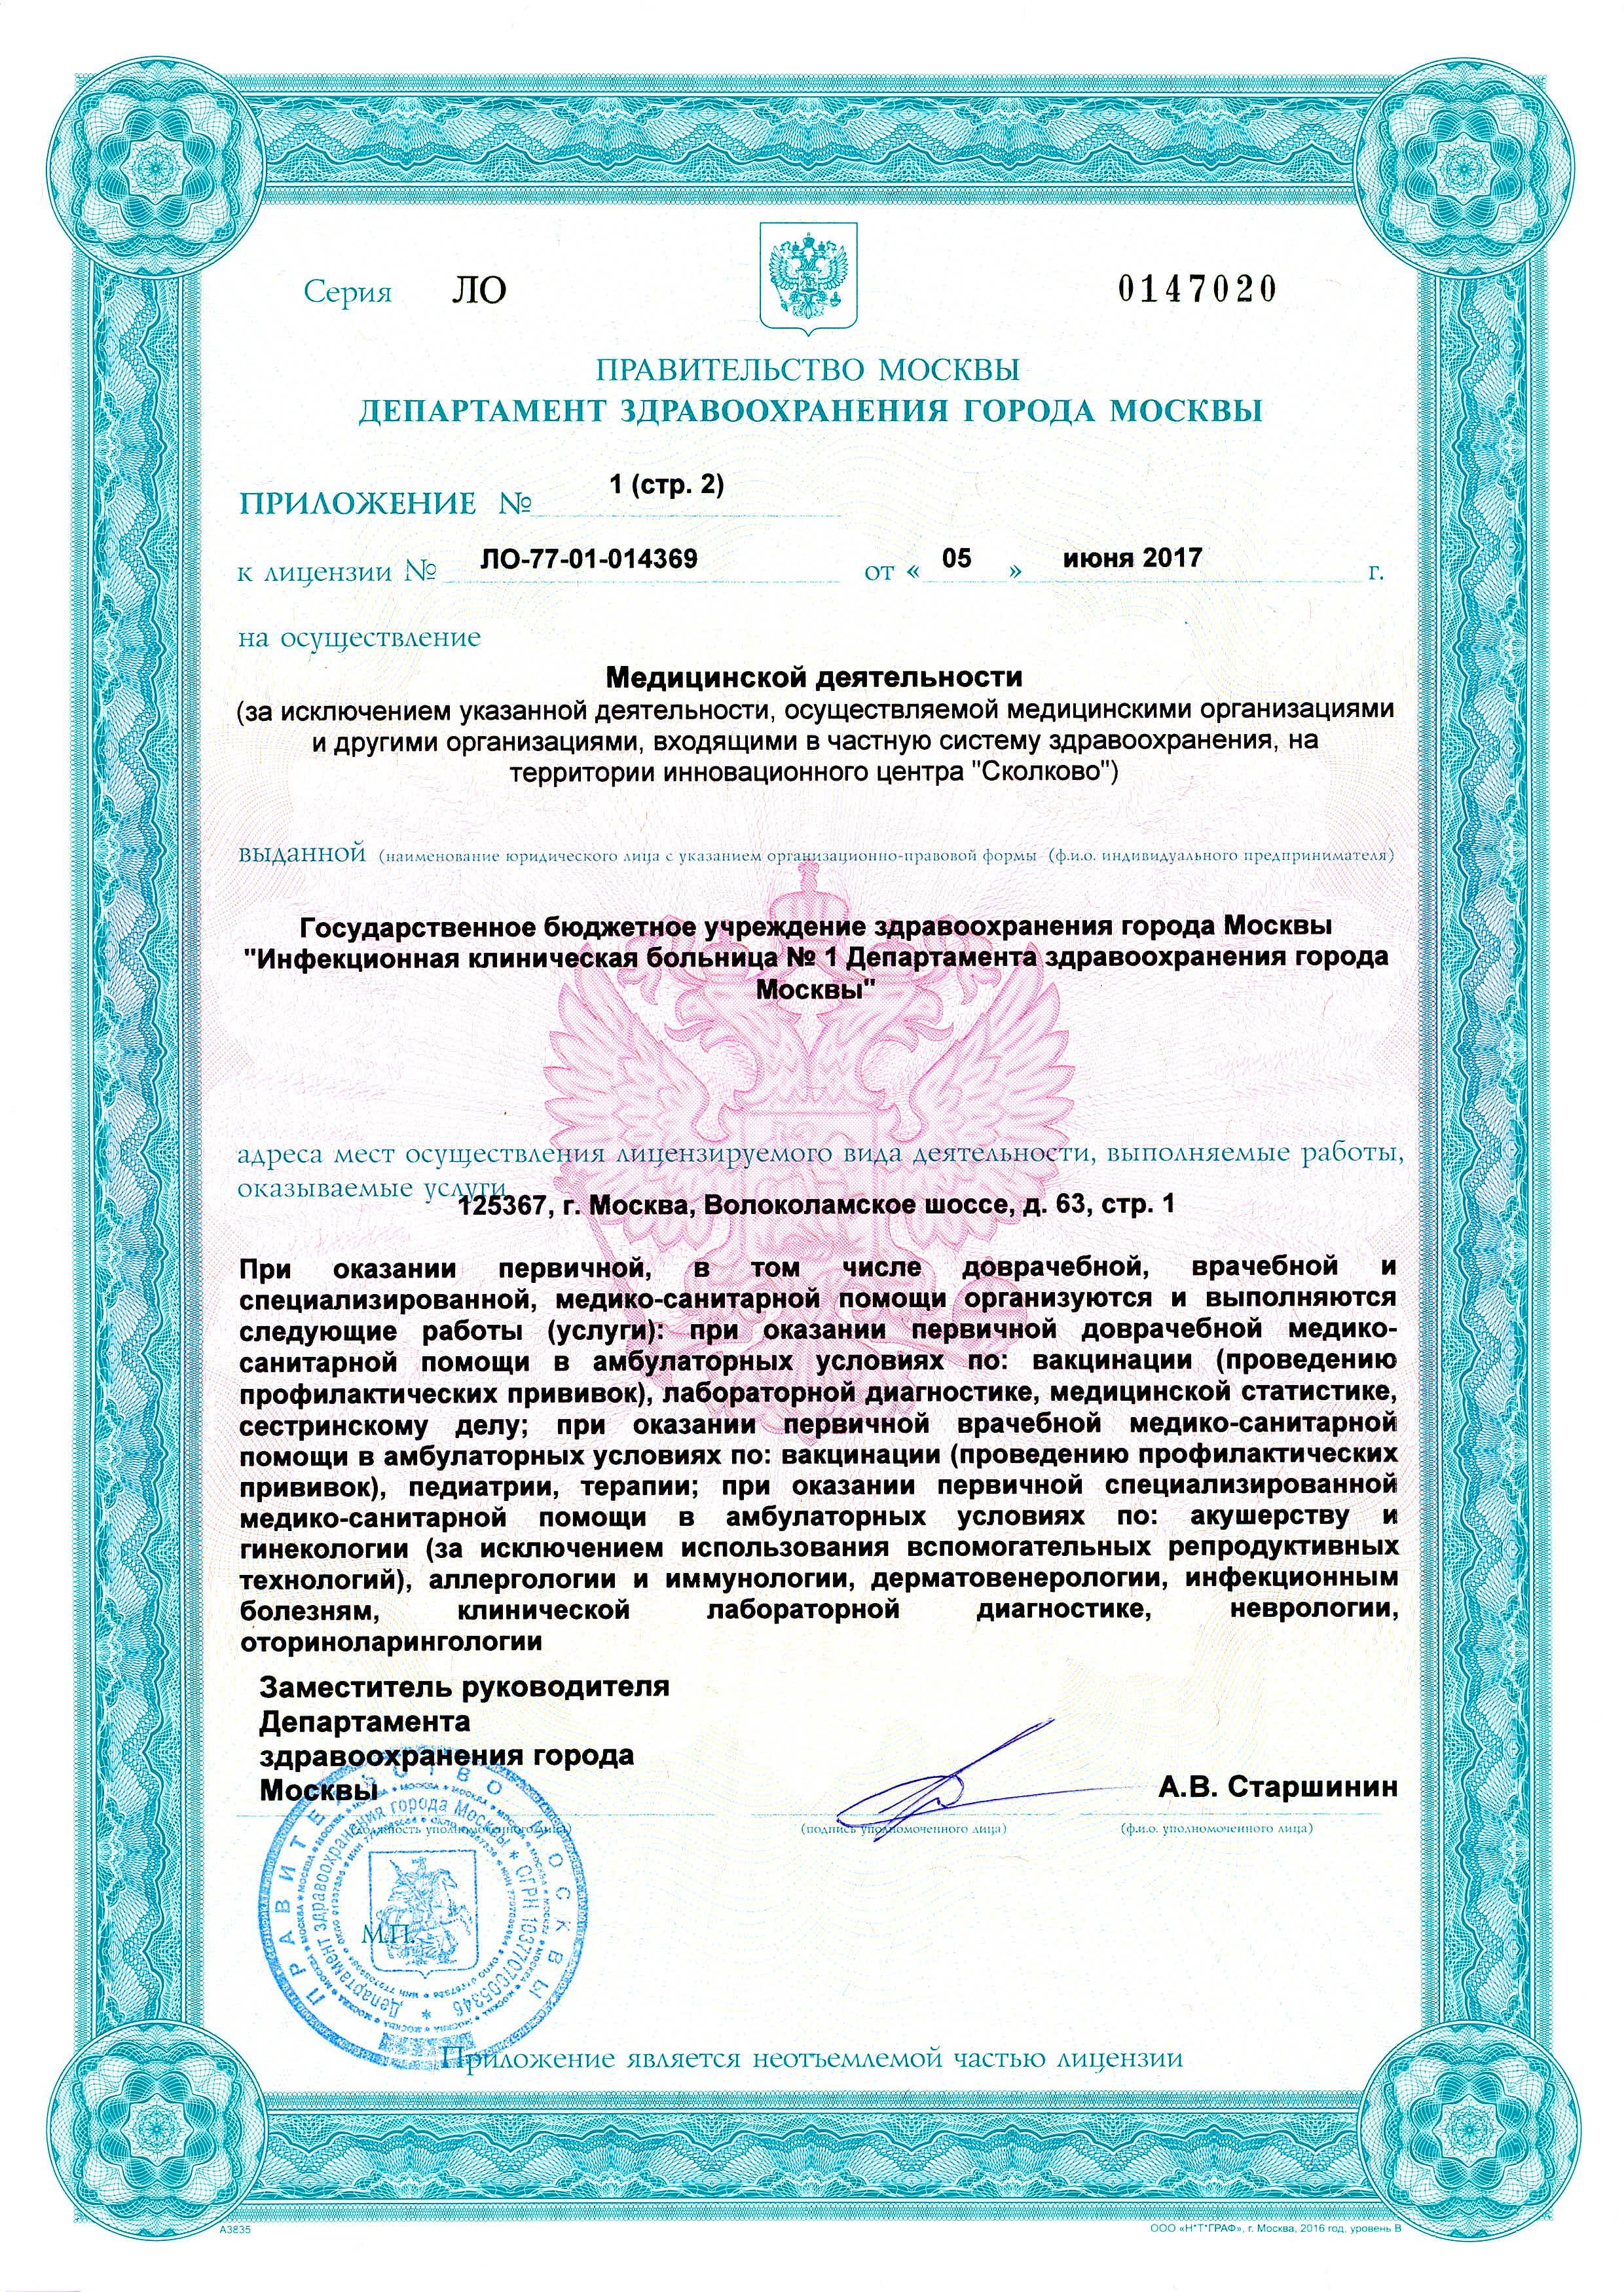 Чебоксарская республиканская детская больница регистратура